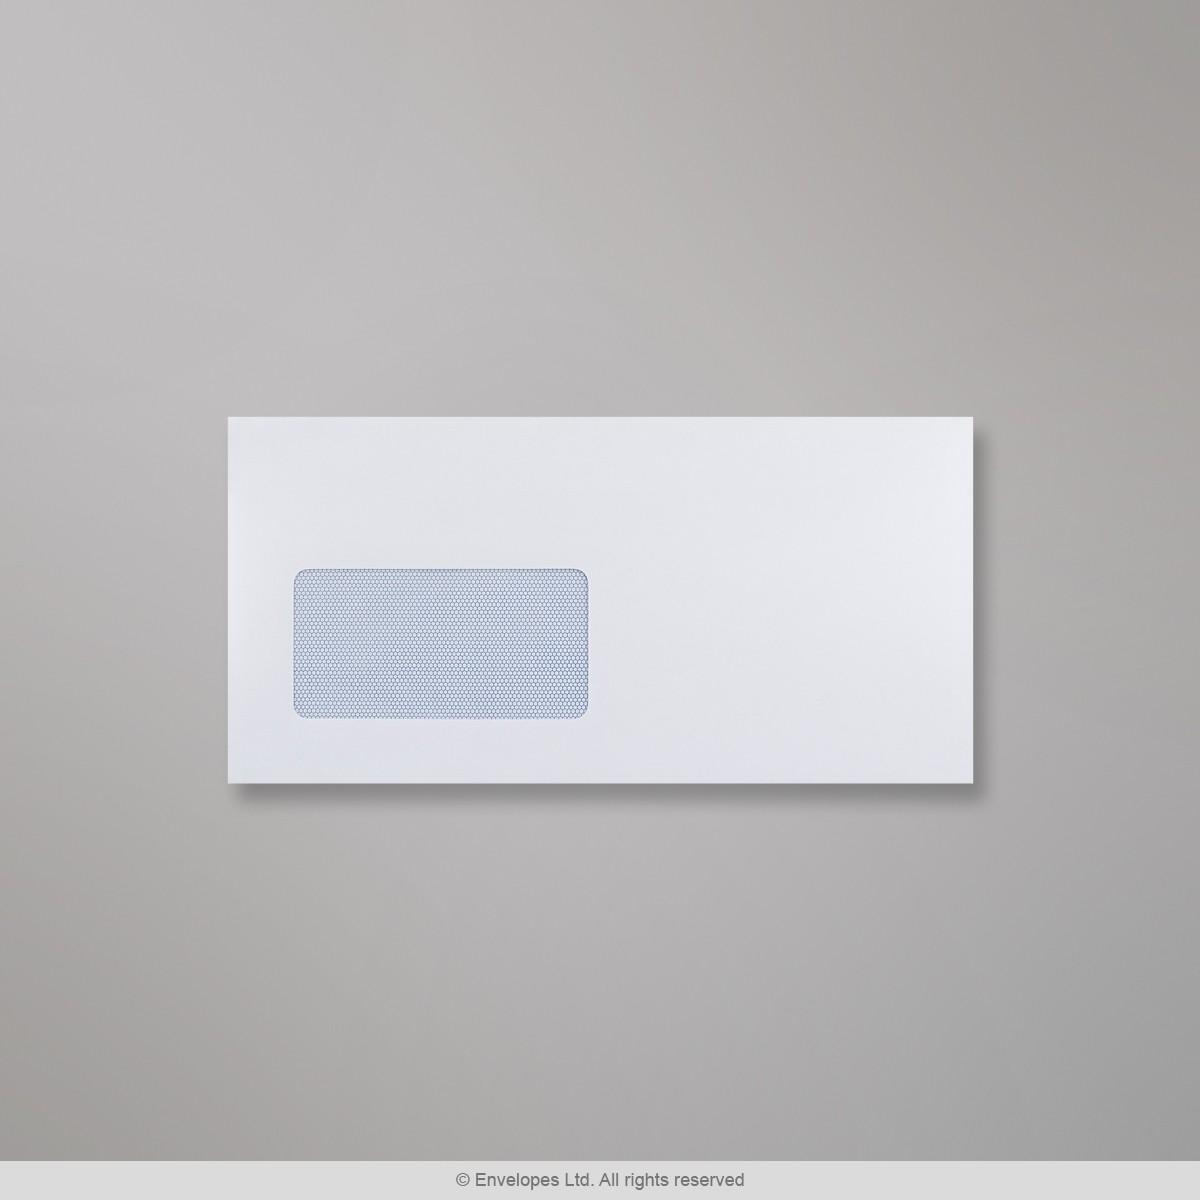 Valkoinen ikkunallinen kirjekuori 114x229 mm